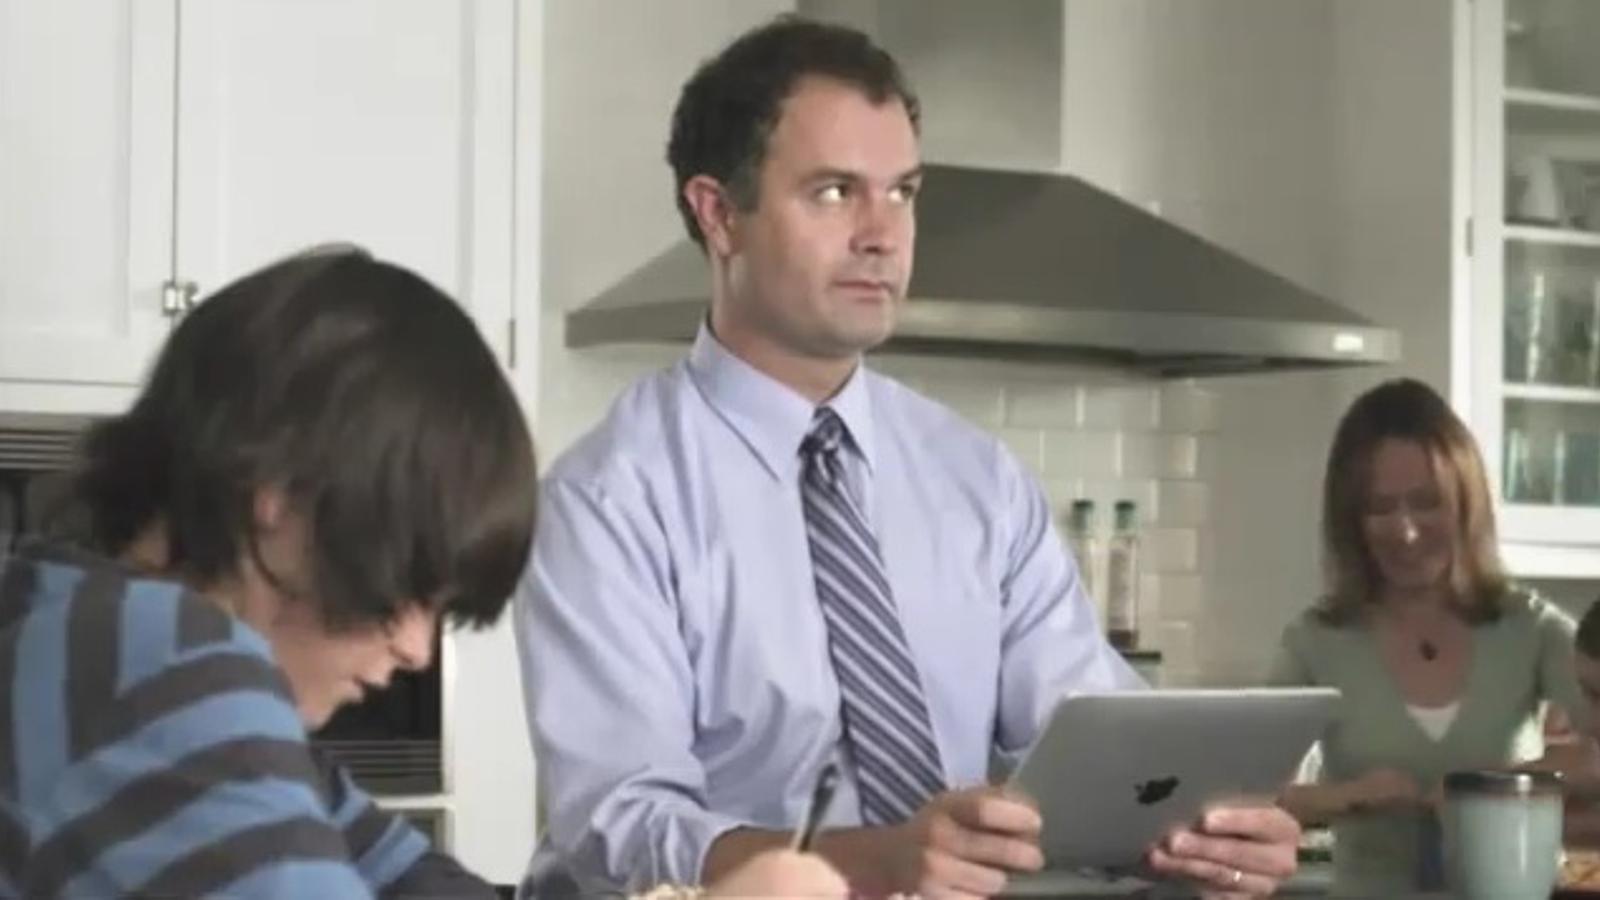 L'iPad no podrà substituir mai el diari en paper